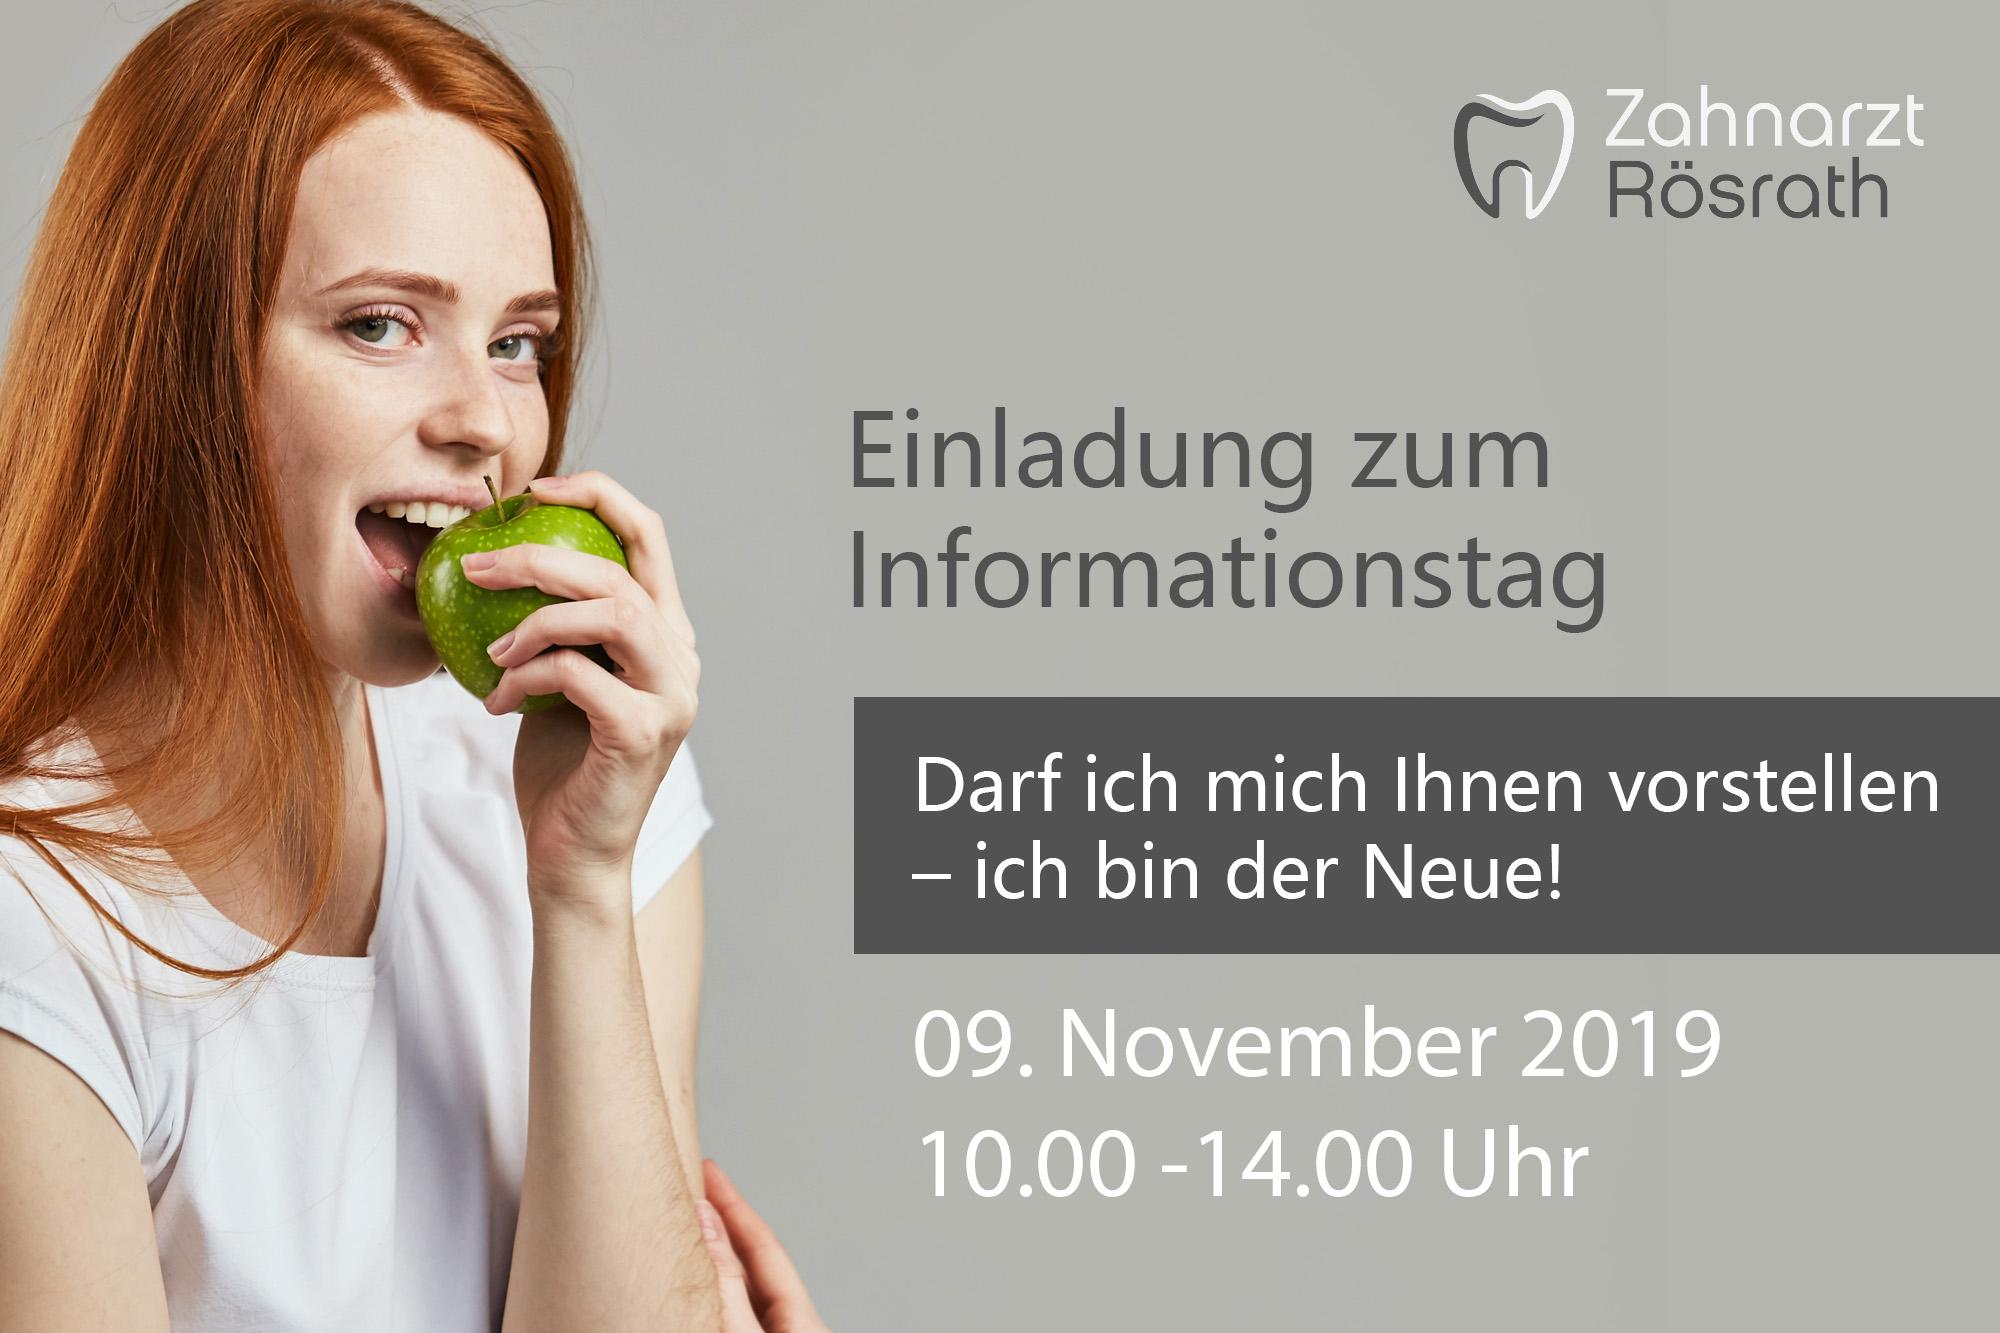 Einladung zum Informationstag November 2019